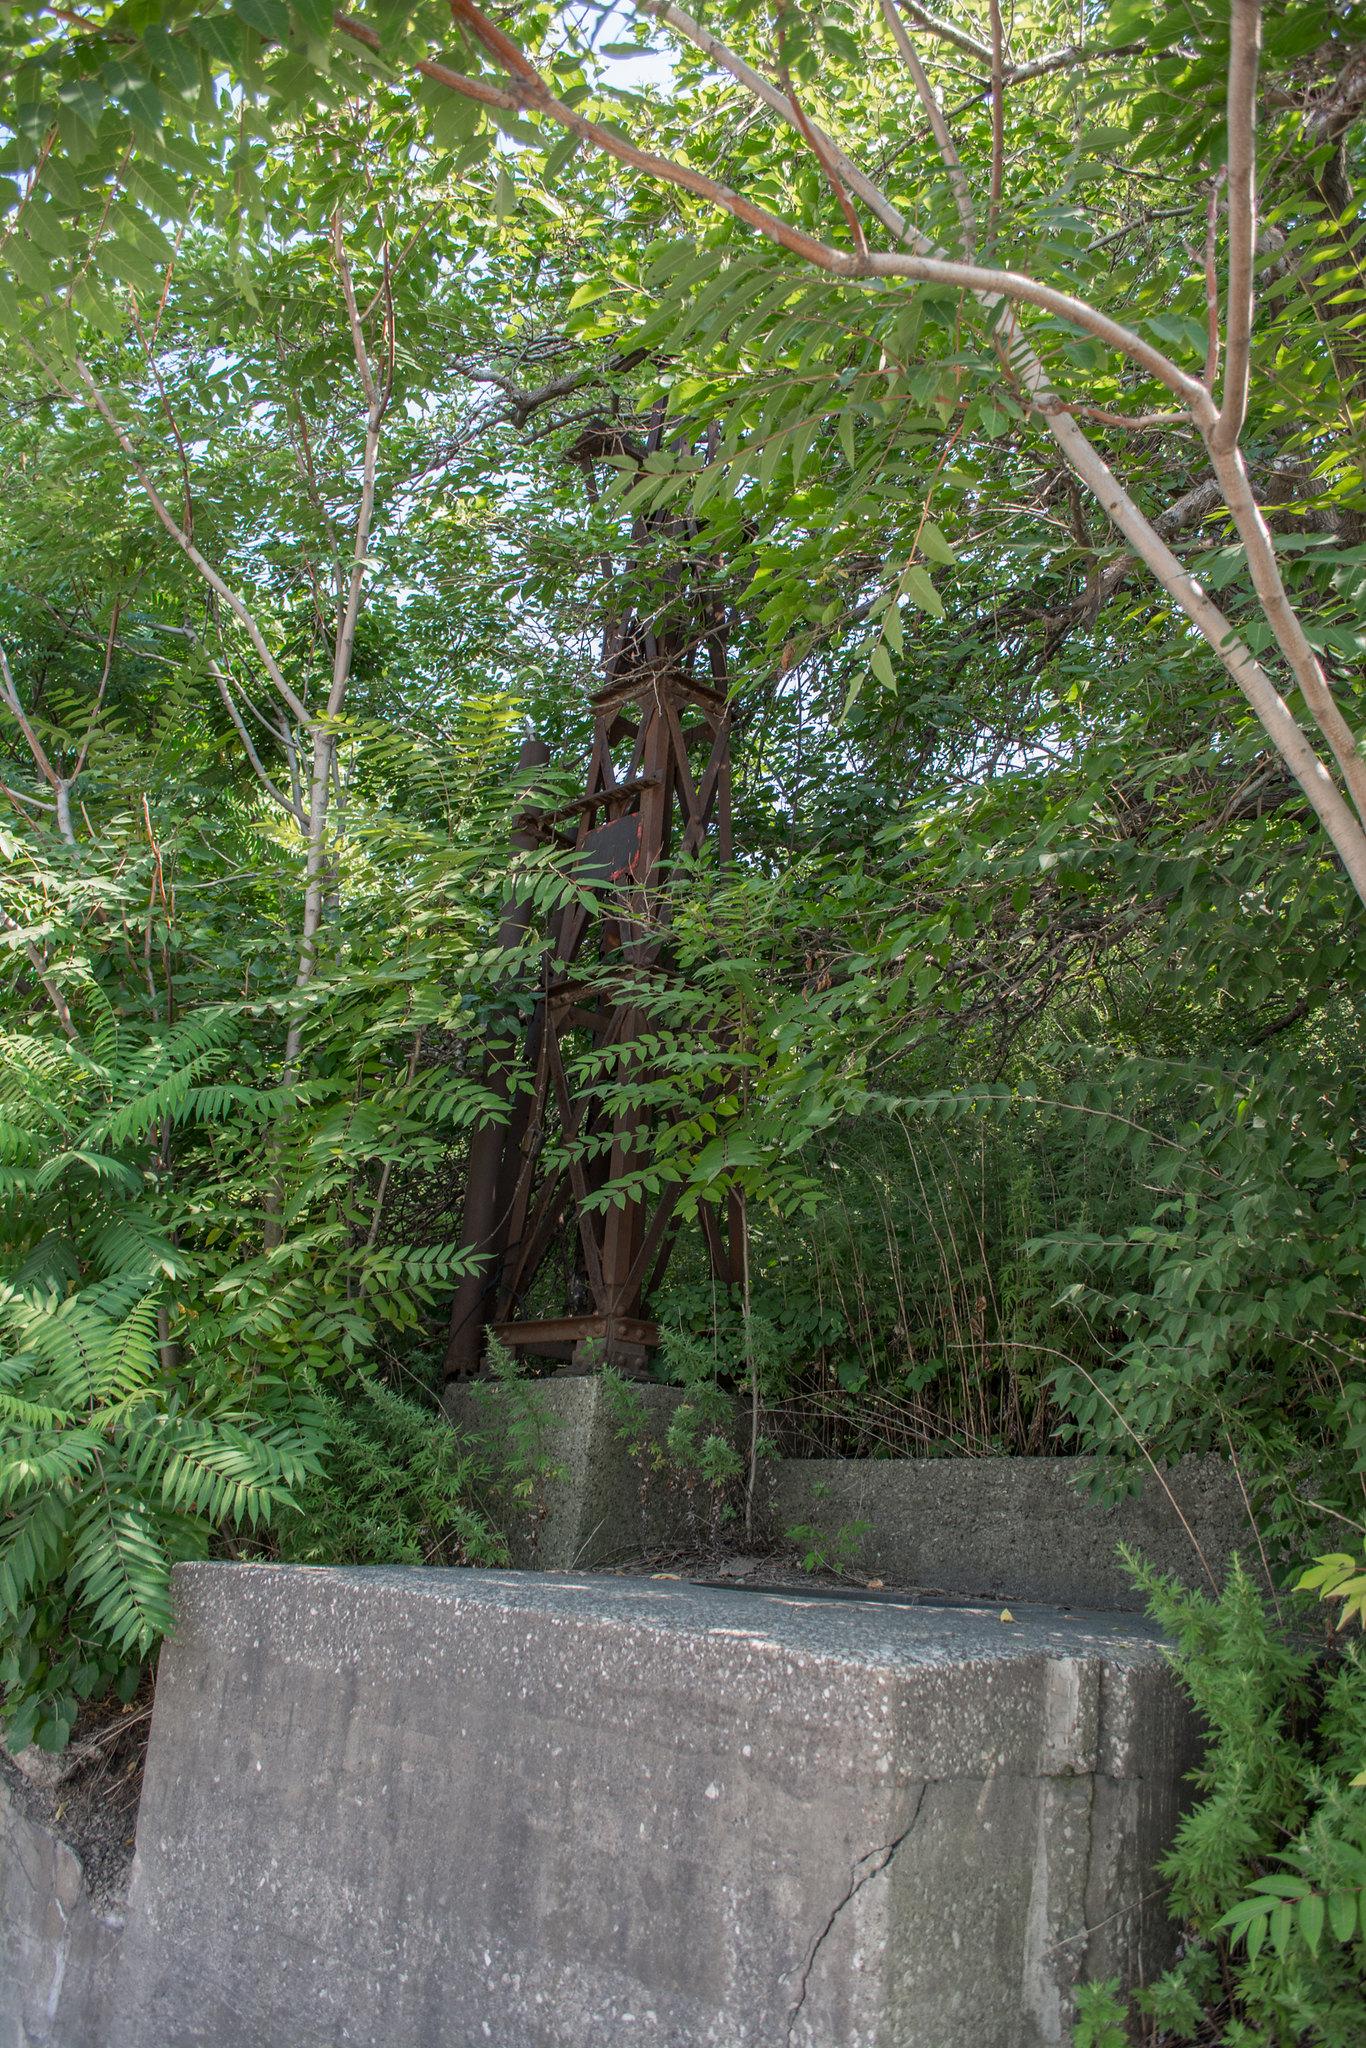 Jefferson Avenue bridge - abutment remains